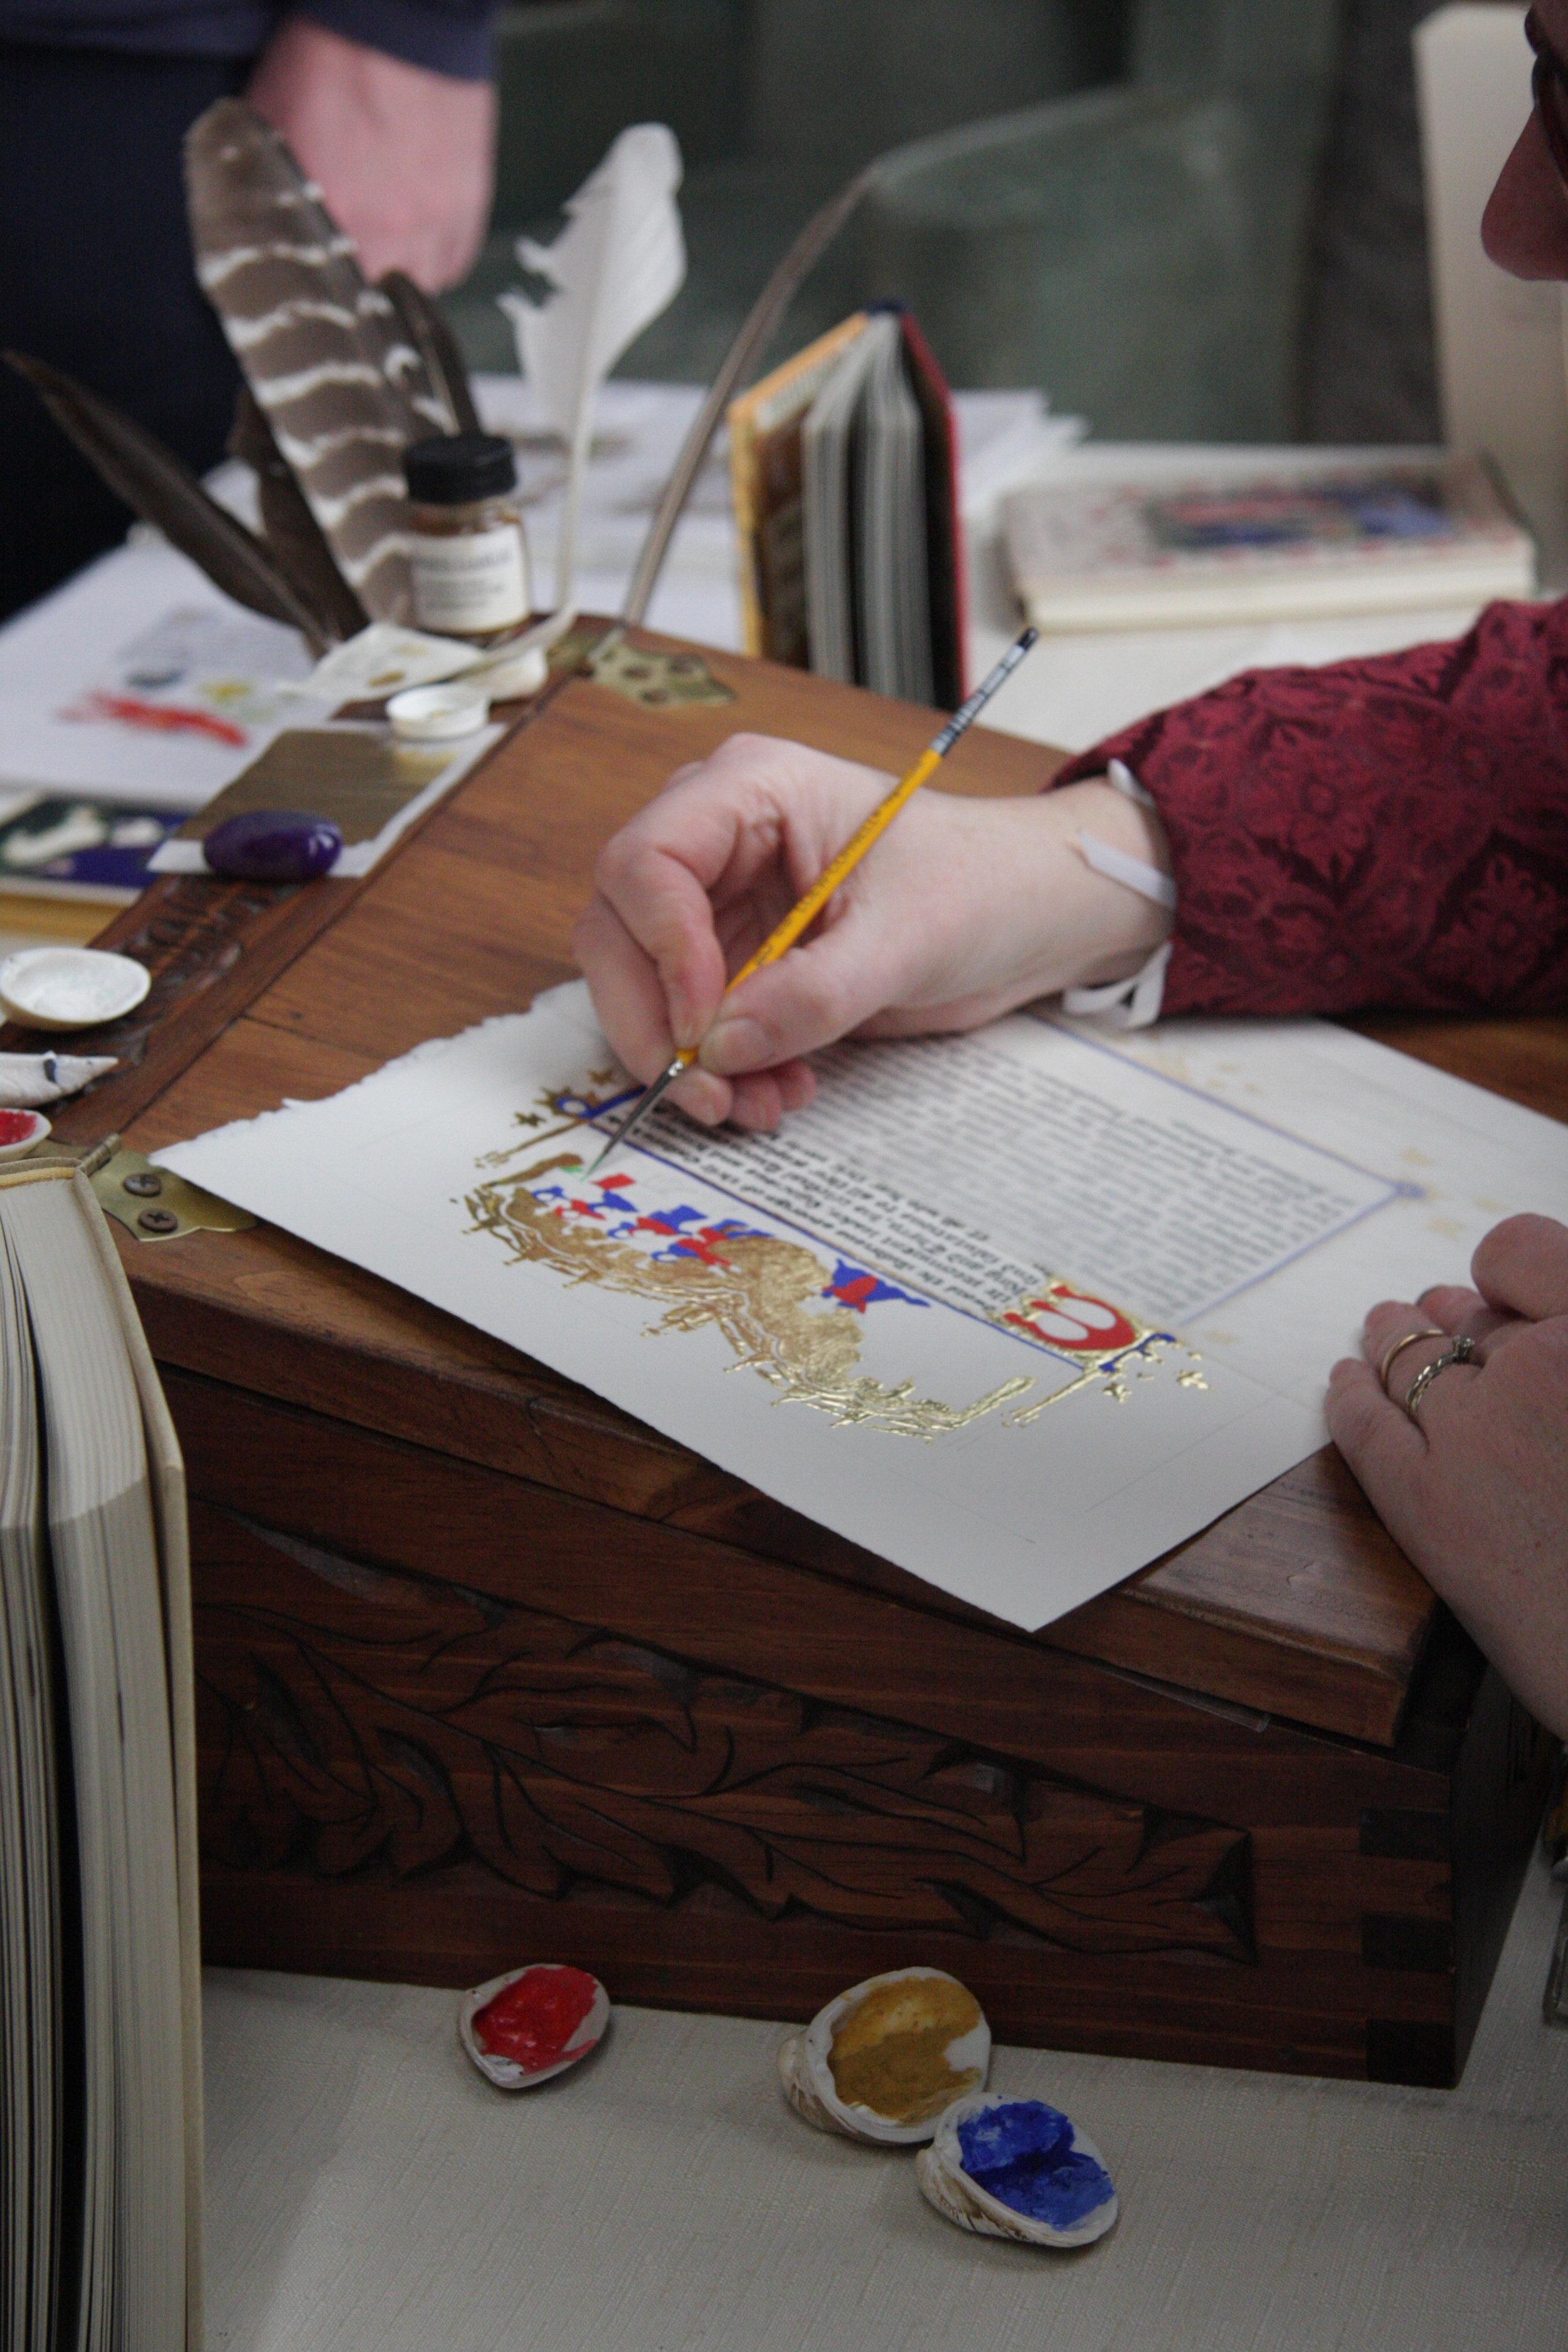 Sarah Dressler illuminates a manuscript.